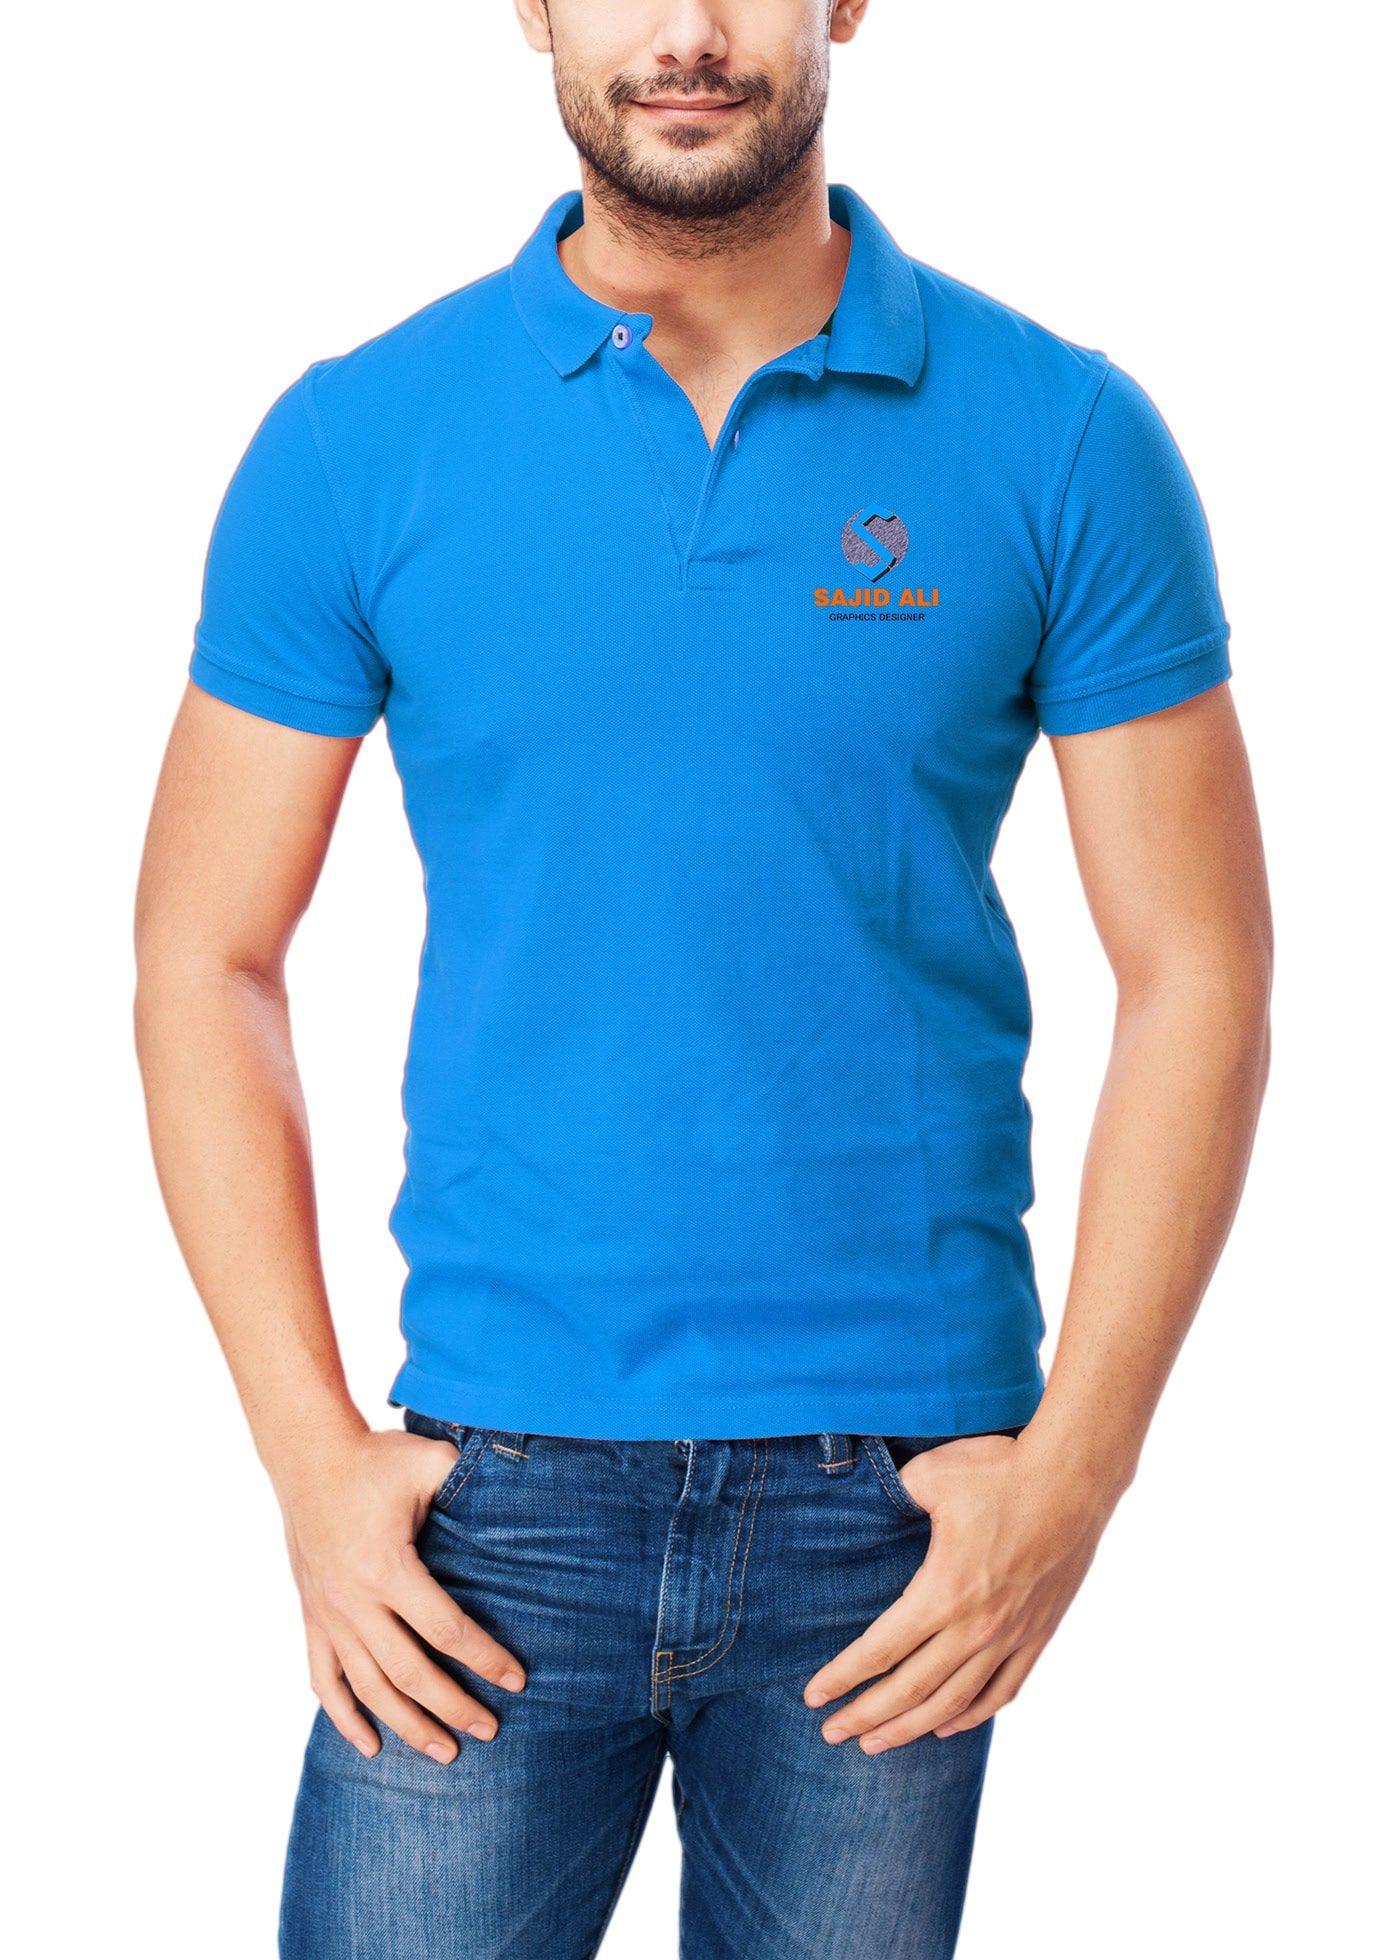 Polo T Shirts Mock Up Free Download Polo T Shirts Tshirt Mockup Shirt Mockup